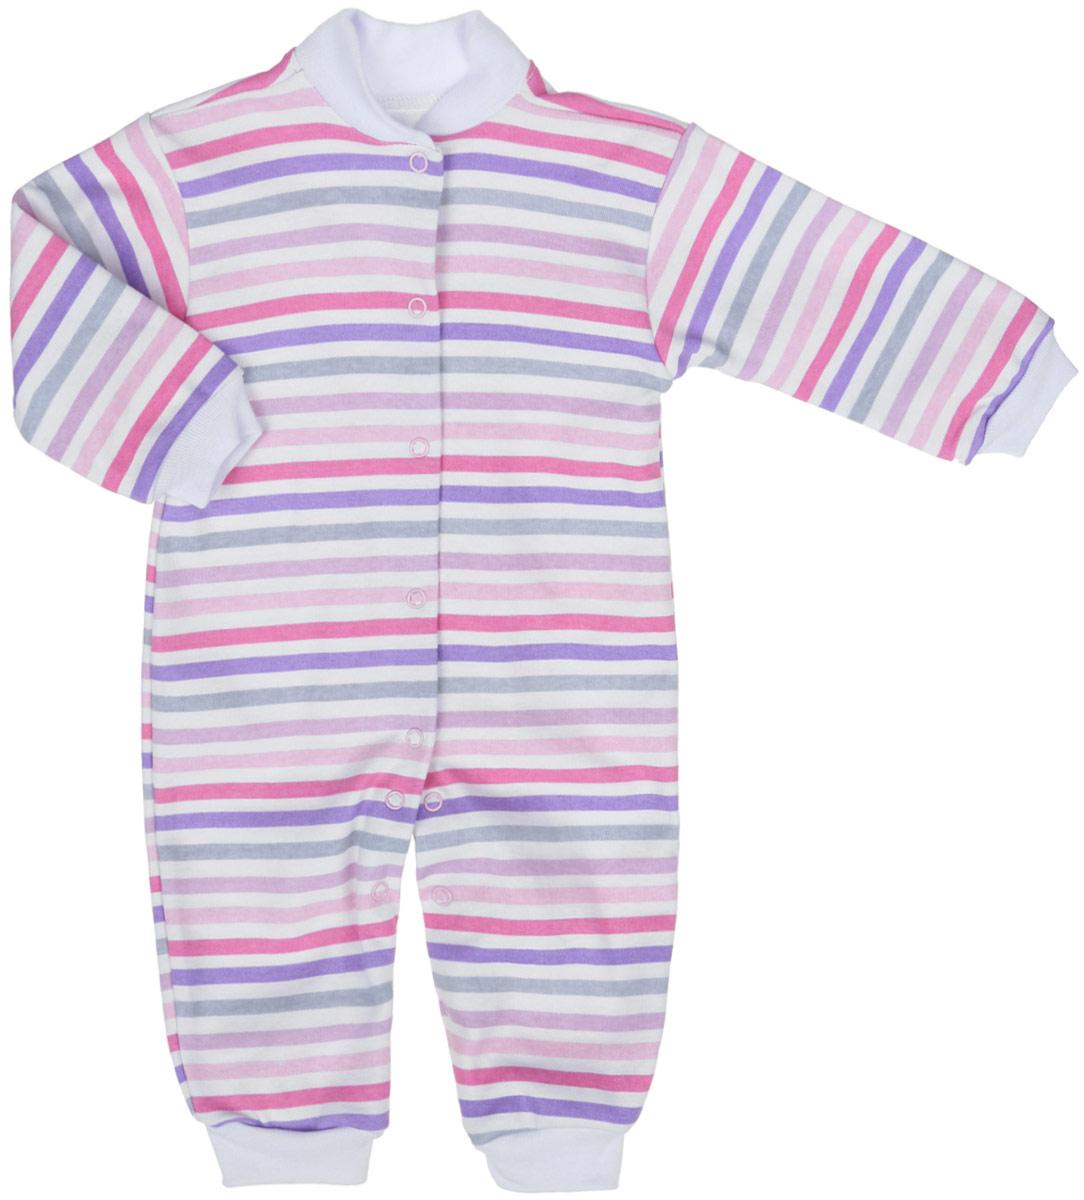 Комбинезон детский Трон-плюс, цвет: белый, розовый, фиолетовый. 5813_ВЛ15_полоски 1. Размер 56, 1 месяц5813_ВЛ15_полоски 1Комбинезон Трон-плюс полностью соответствует особенностям жизни ребенка в ранний период, не стесняя и не ограничивая его в движениях. Выполненный из натурального хлопка, он очень мягкий и приятный на ощупь, не раздражает нежную и чувствительную кожу ребенка, позволяя ей дышать.Комбинезон с небольшим воротником-стойкой, длинными рукавами и открытыми ножками имеет застежки-кнопки от горловины до щиколоток, которые помогают легко переодеть малыша или сменить подгузник. Воротник изготовлен из мягкой трикотажной резинки. Низ рукавов и низ брючин дополнены мягкими эластичными манжетами, не пережимающими ручки и ножки ребенка. Модель оформлена принтом в полоску. В таком комбинезоне спинка ребенка всегда будет в тепле, кроха будет чувствовать себя комфортно и уютно.